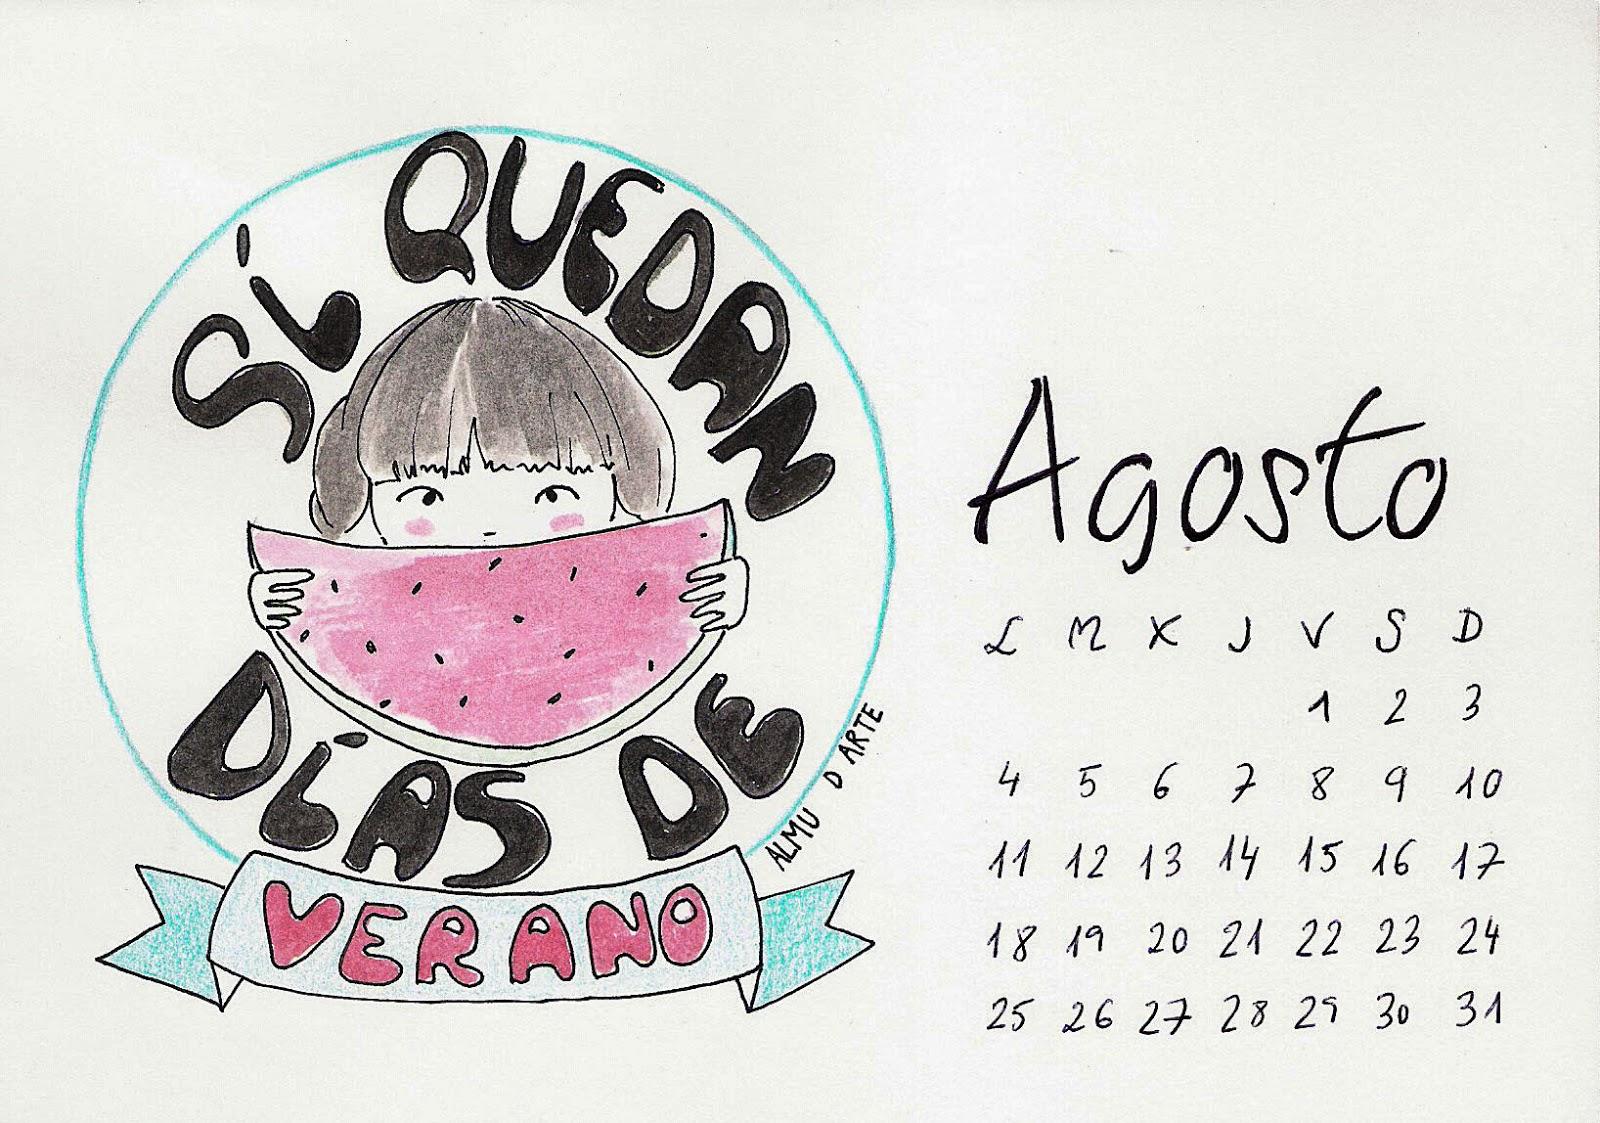 Calendario de Agosto de 2014 pintado a mano